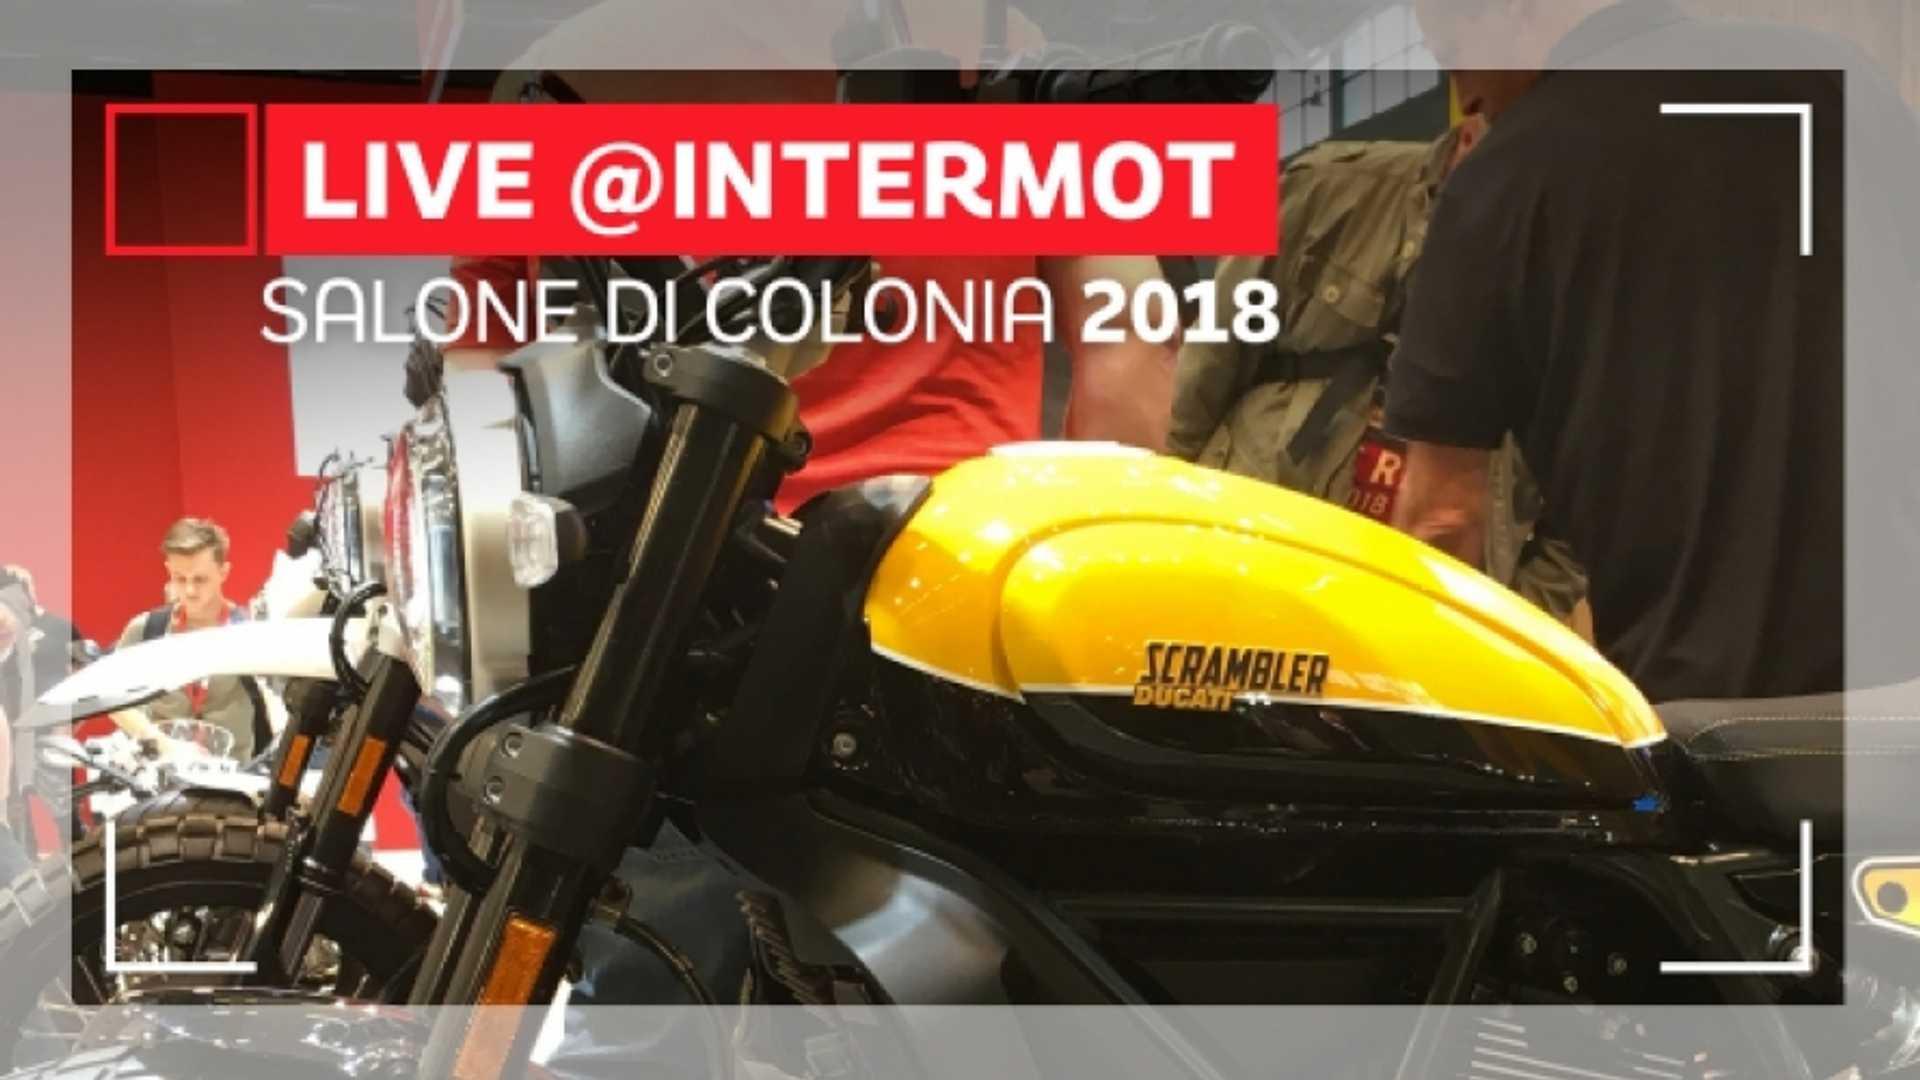 Scrambler Ducati Per Il 2019 La Famiglia Si Rinnova Omnimotoit